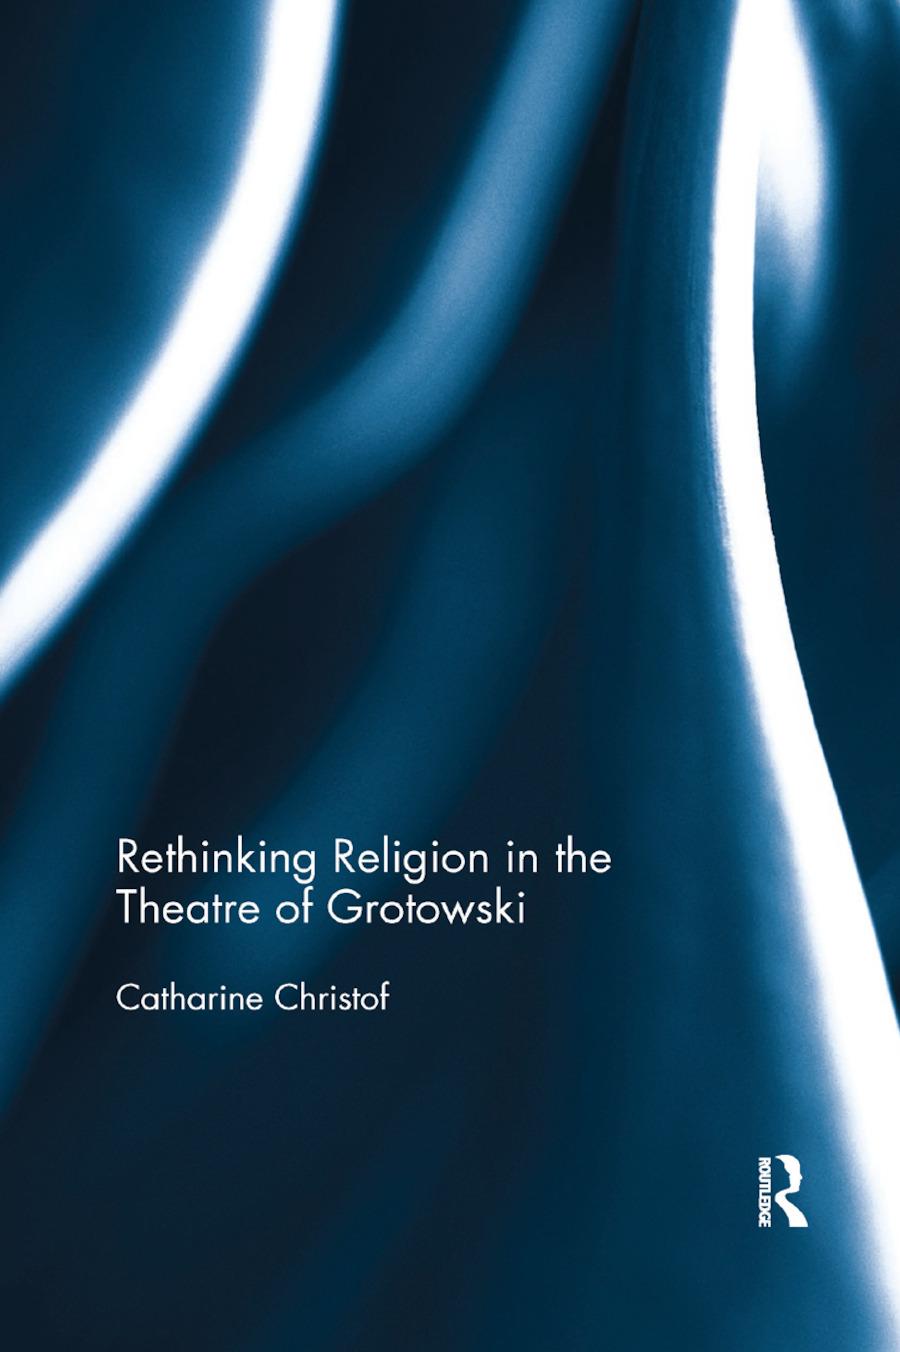 Rethinking Religion in the Theatre of Grotowski